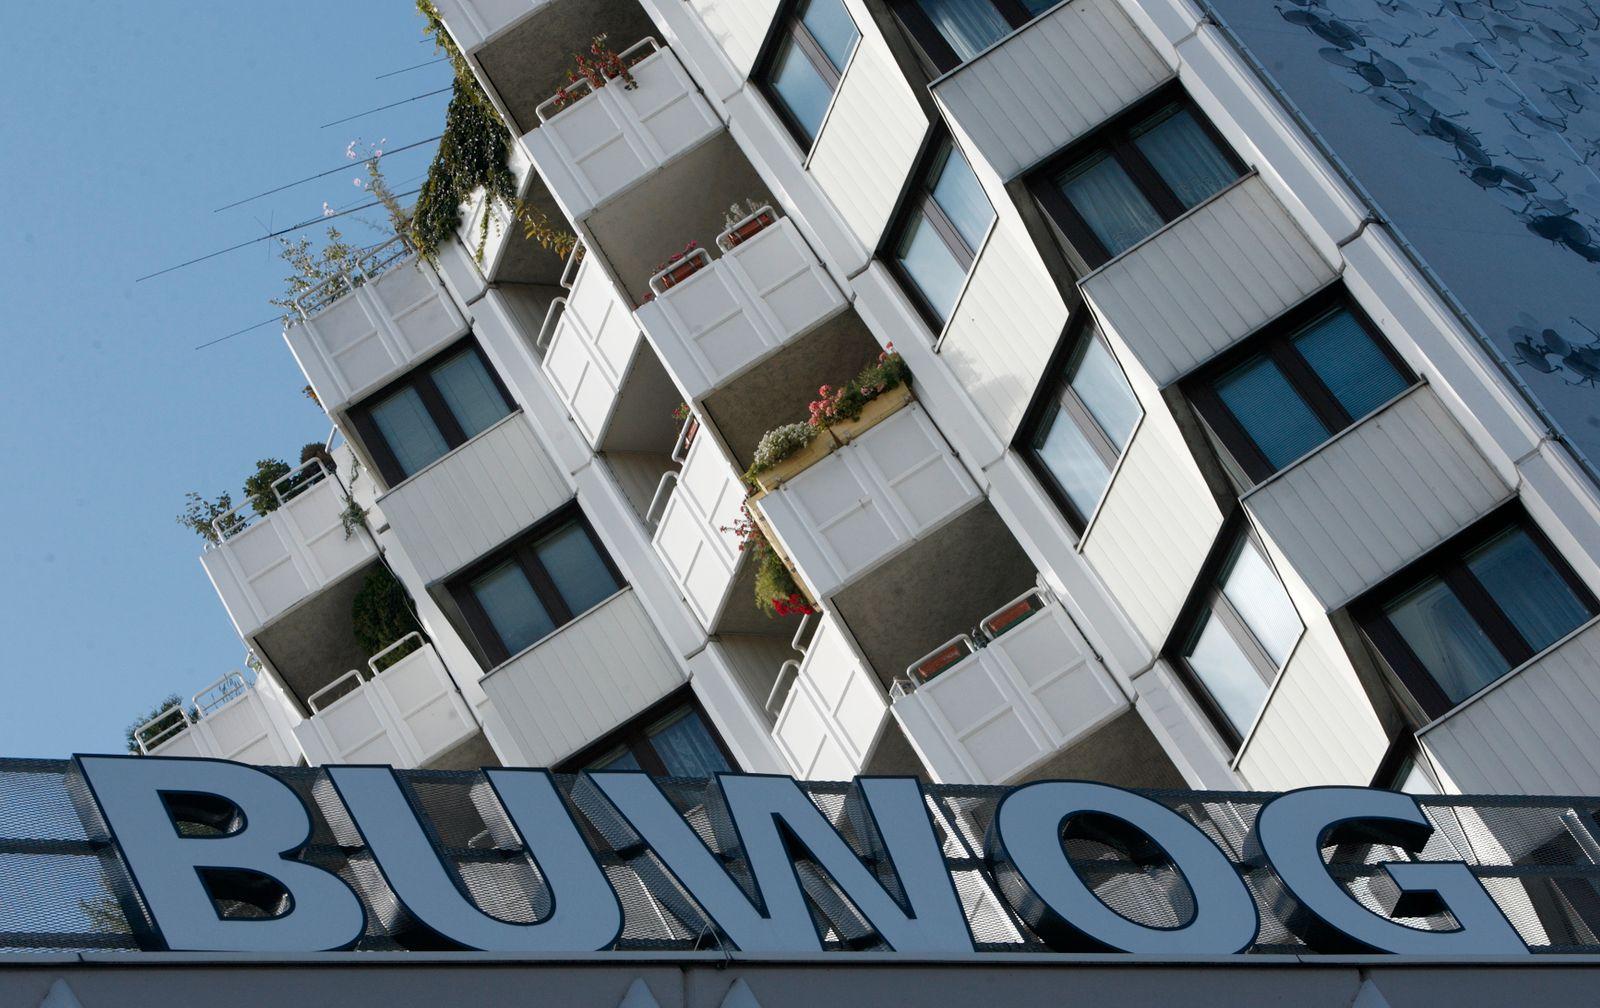 Buwog / Zentrale / Wien